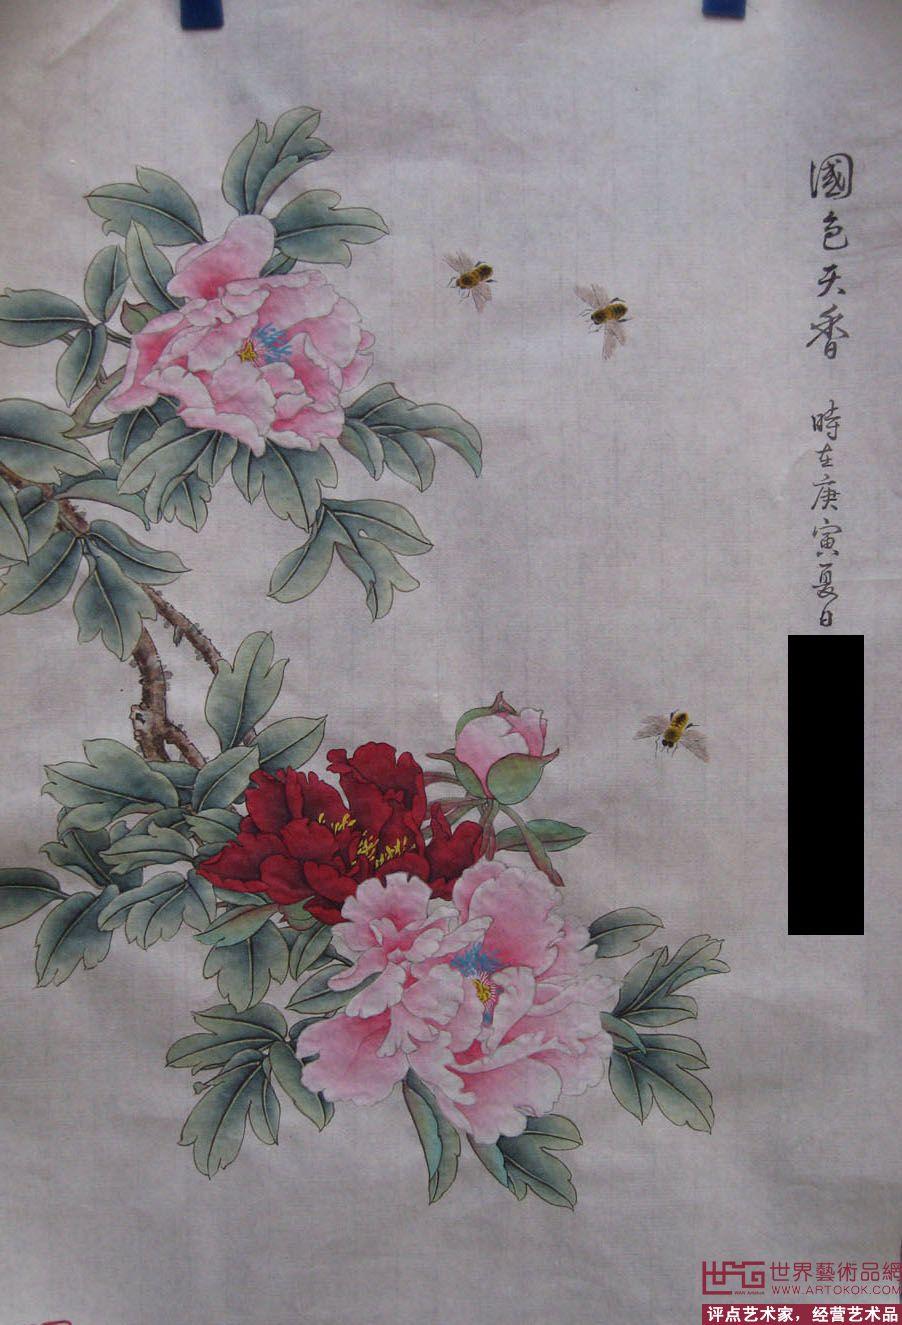 牡丹花-邢金贵-淘宝-名人字画-中国书画交易中心,中国